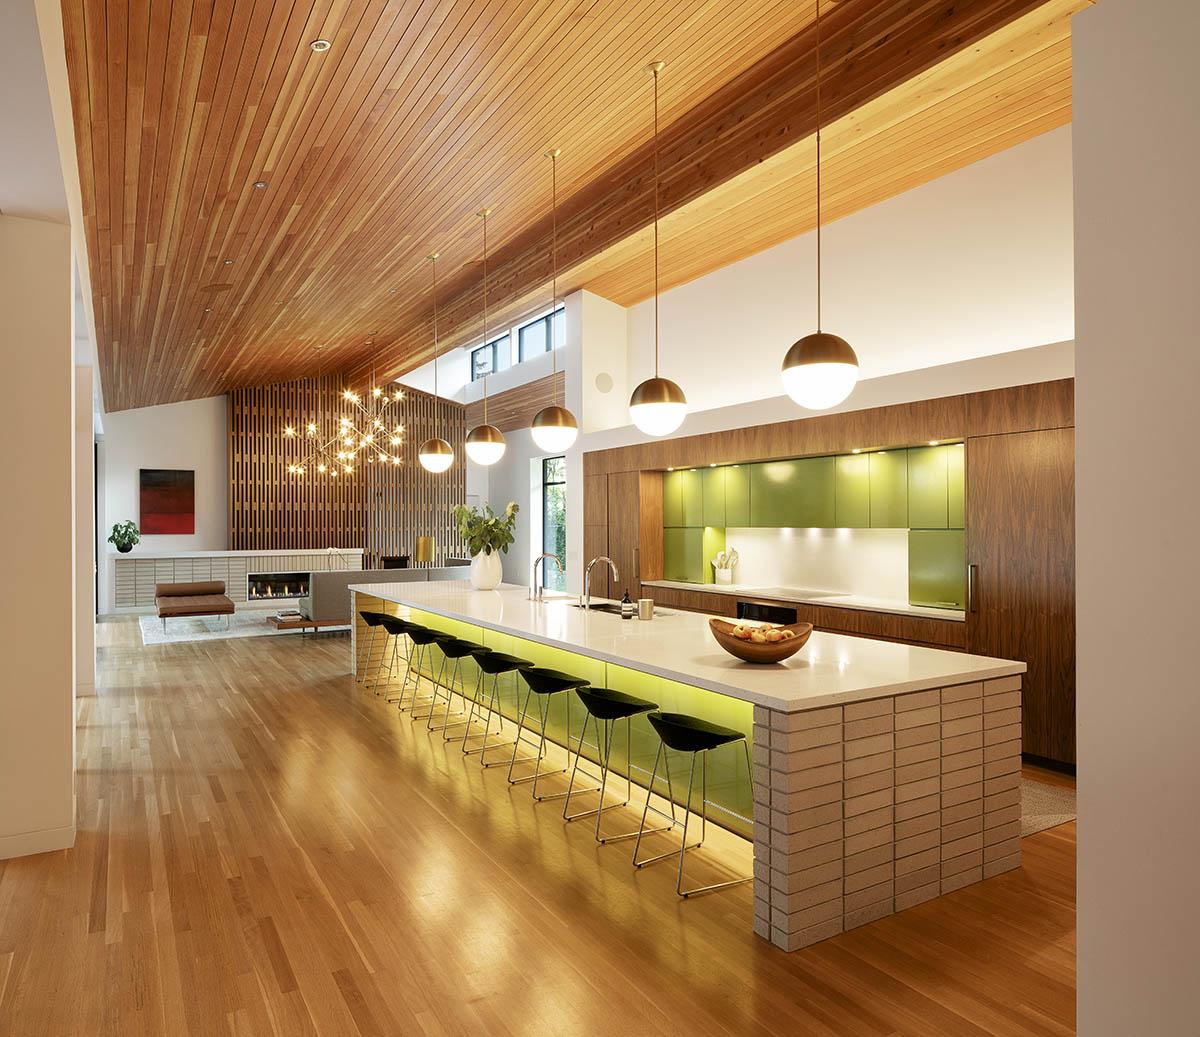 new-century-kitchen-GS_Patton_0102_F2